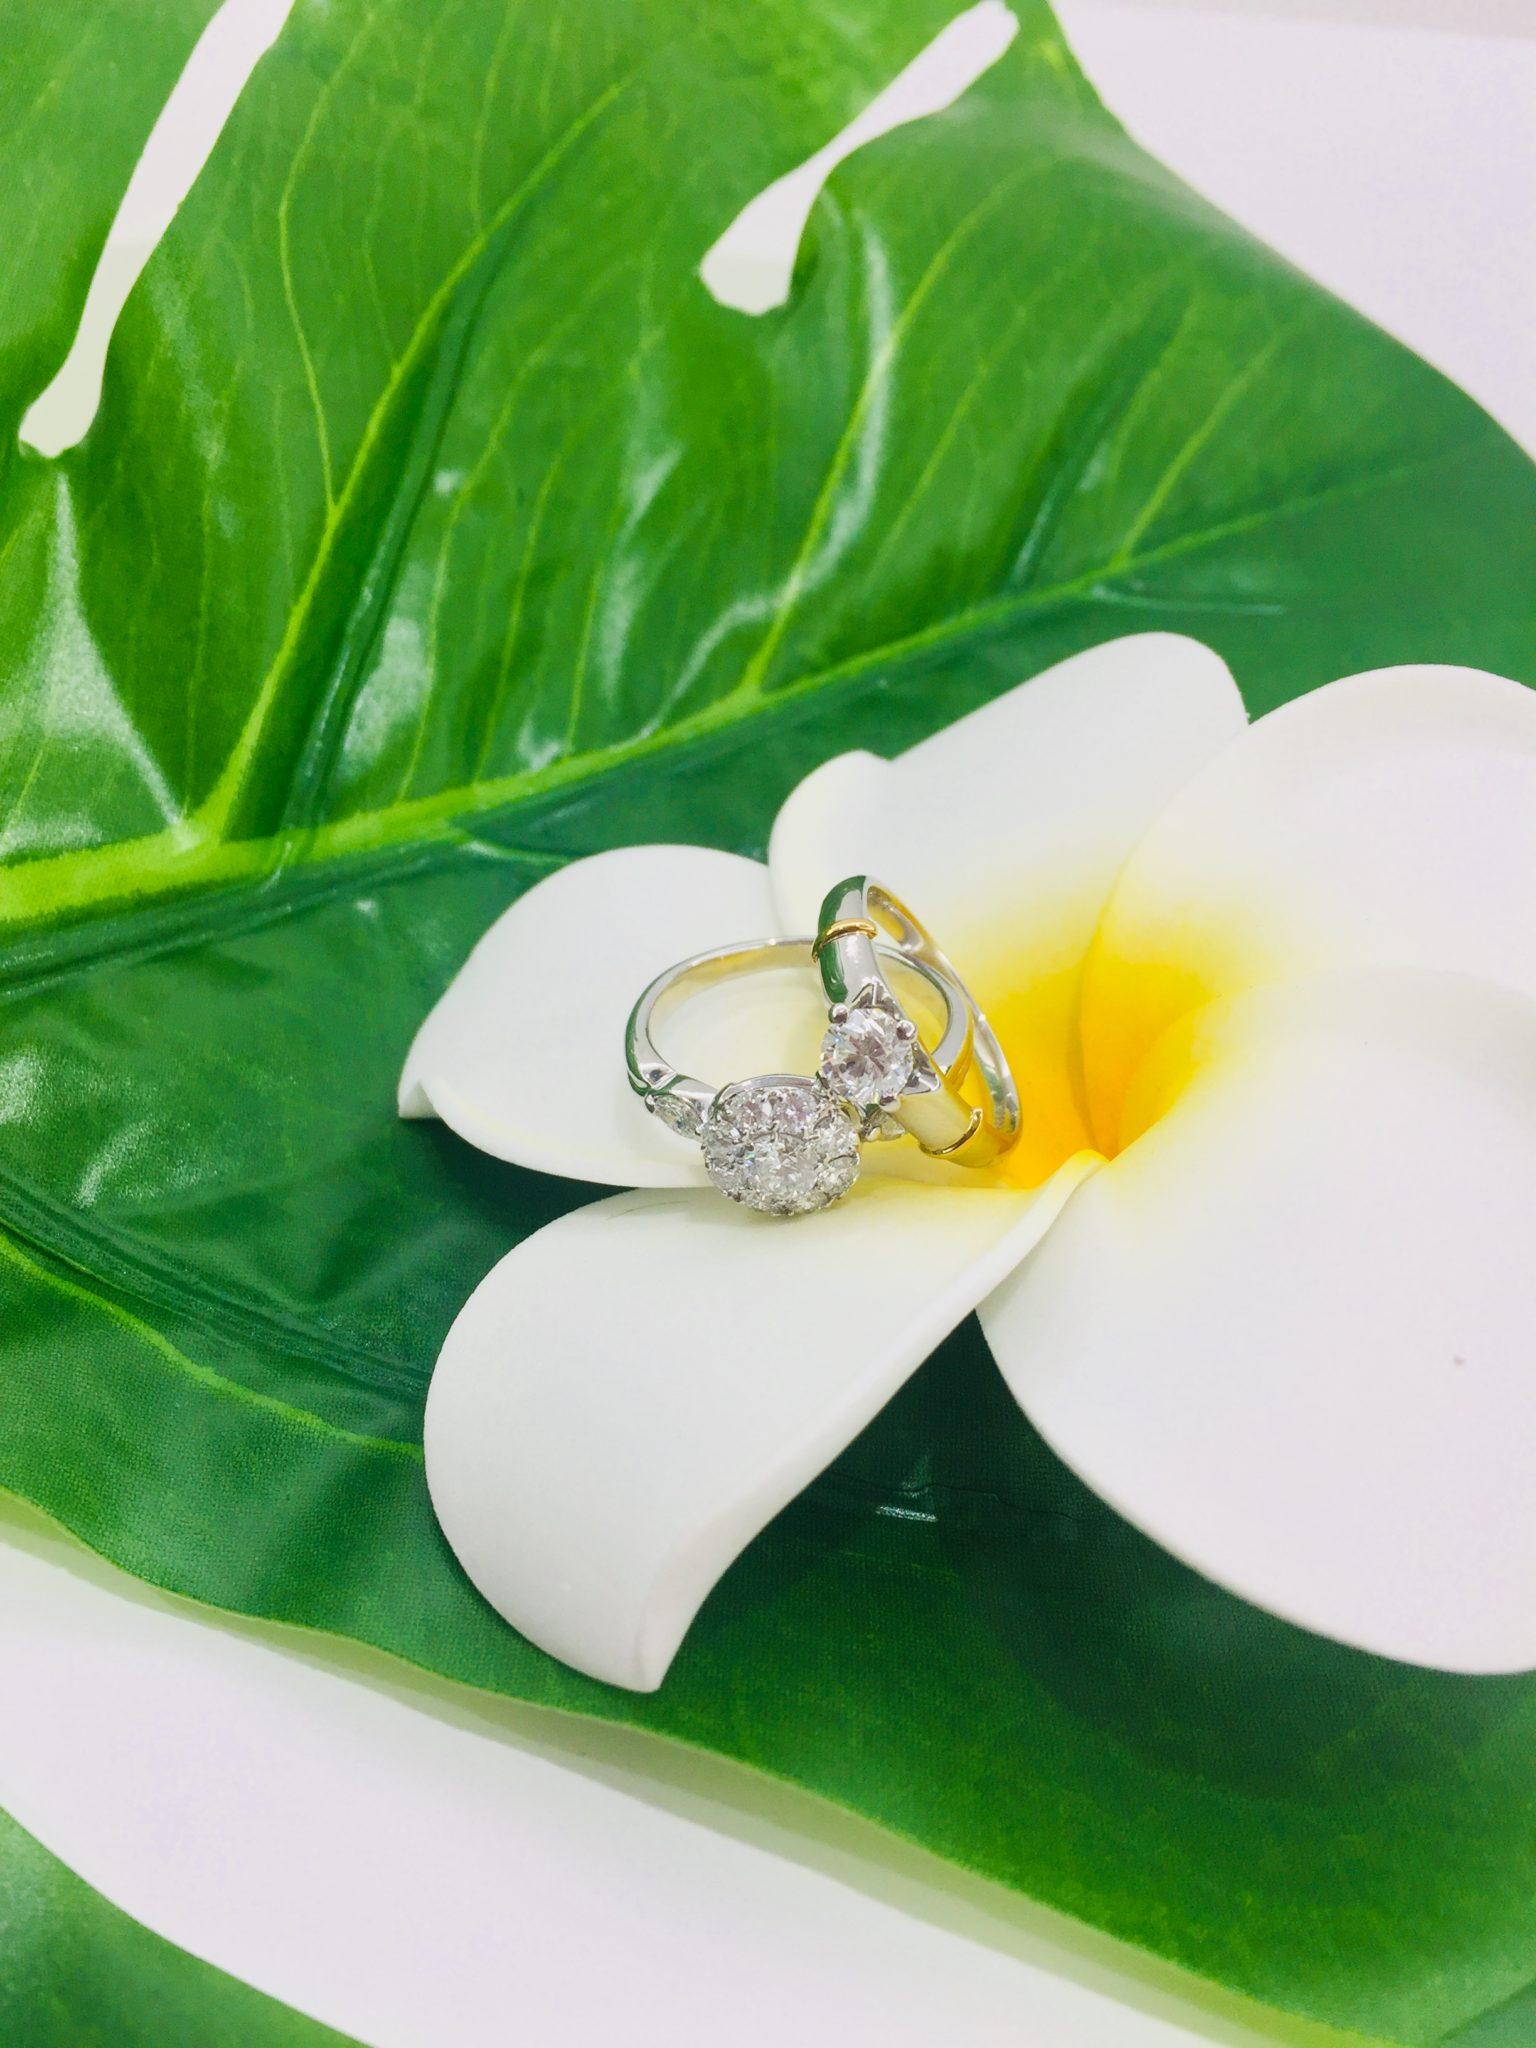 【盛岡 ジュエリー 販売】プラチナ ダイヤモンド リング 指輪